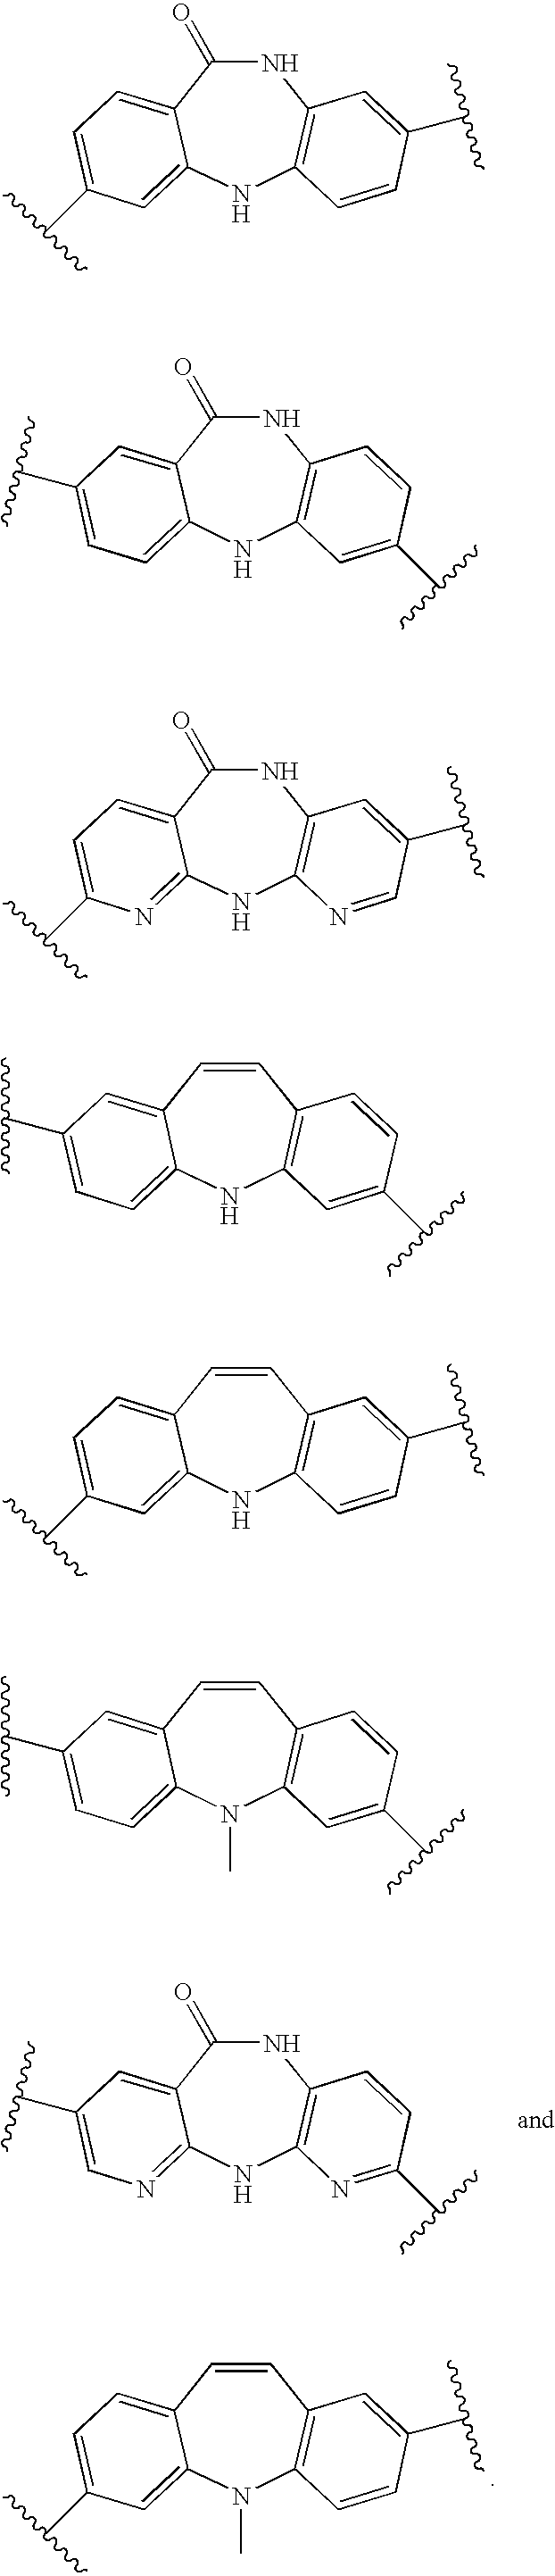 Figure US08088368-20120103-C00117